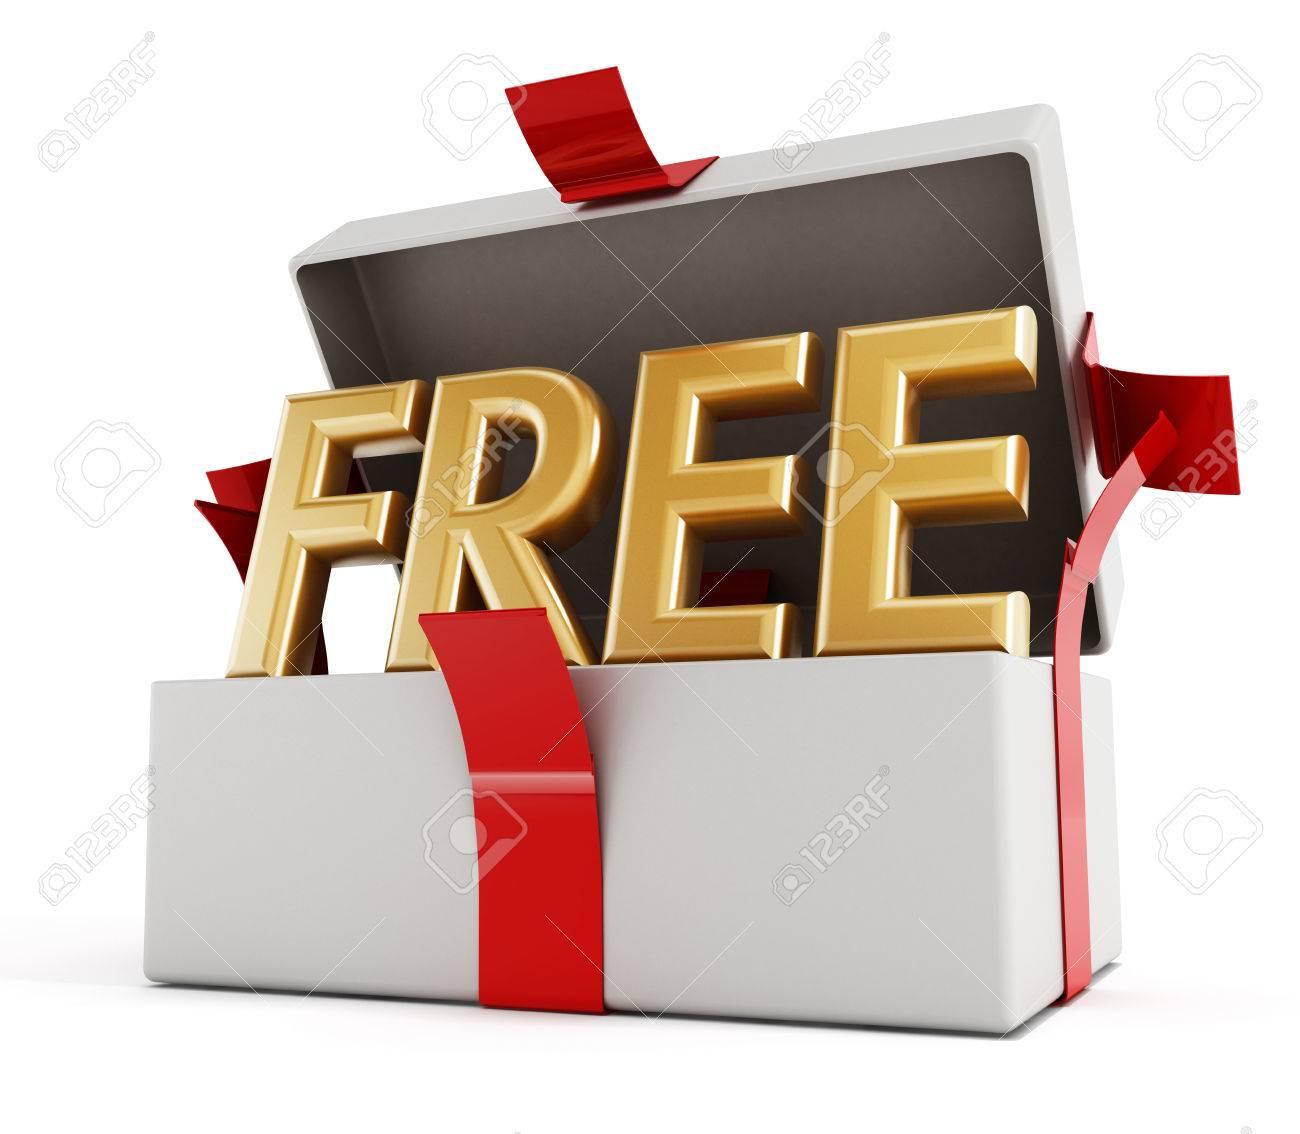 Freies Wort Innen Halb Offen Geschenk Paket Isoliert Auf Weissem